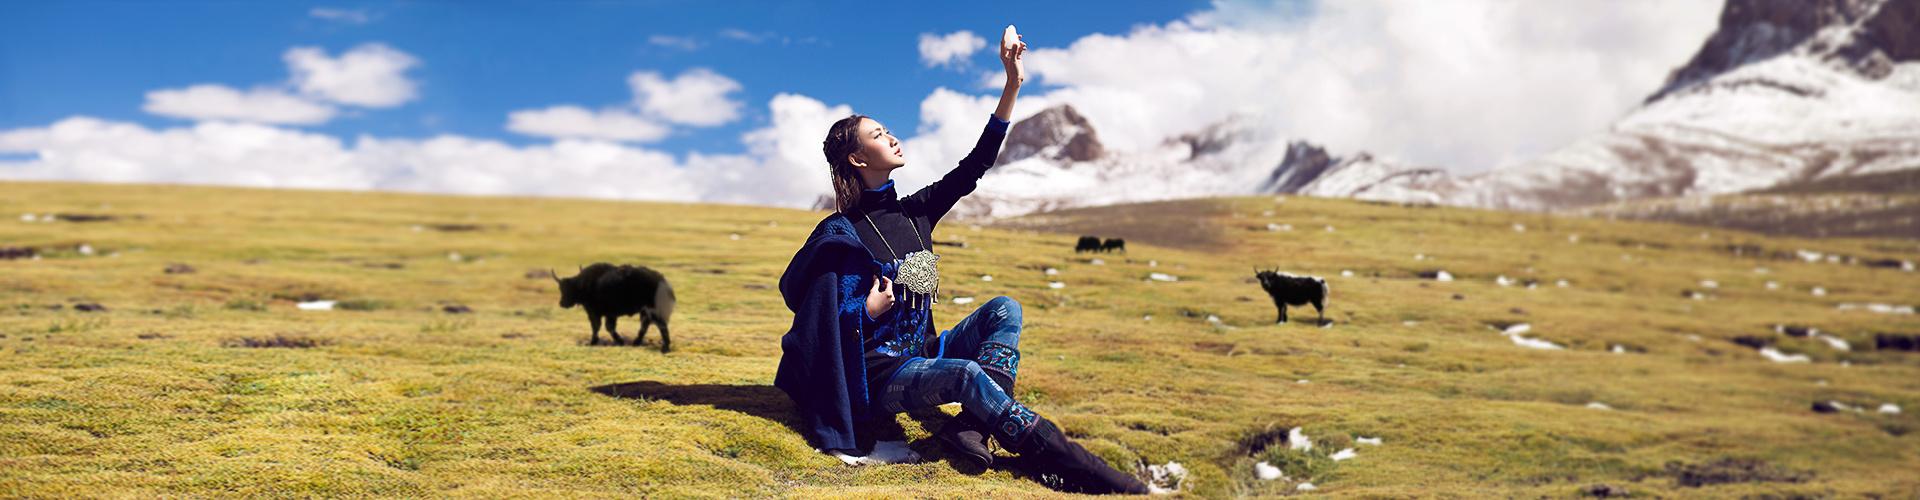 电商裂帛首页海报设计西藏 摄影 人像 王小天儿